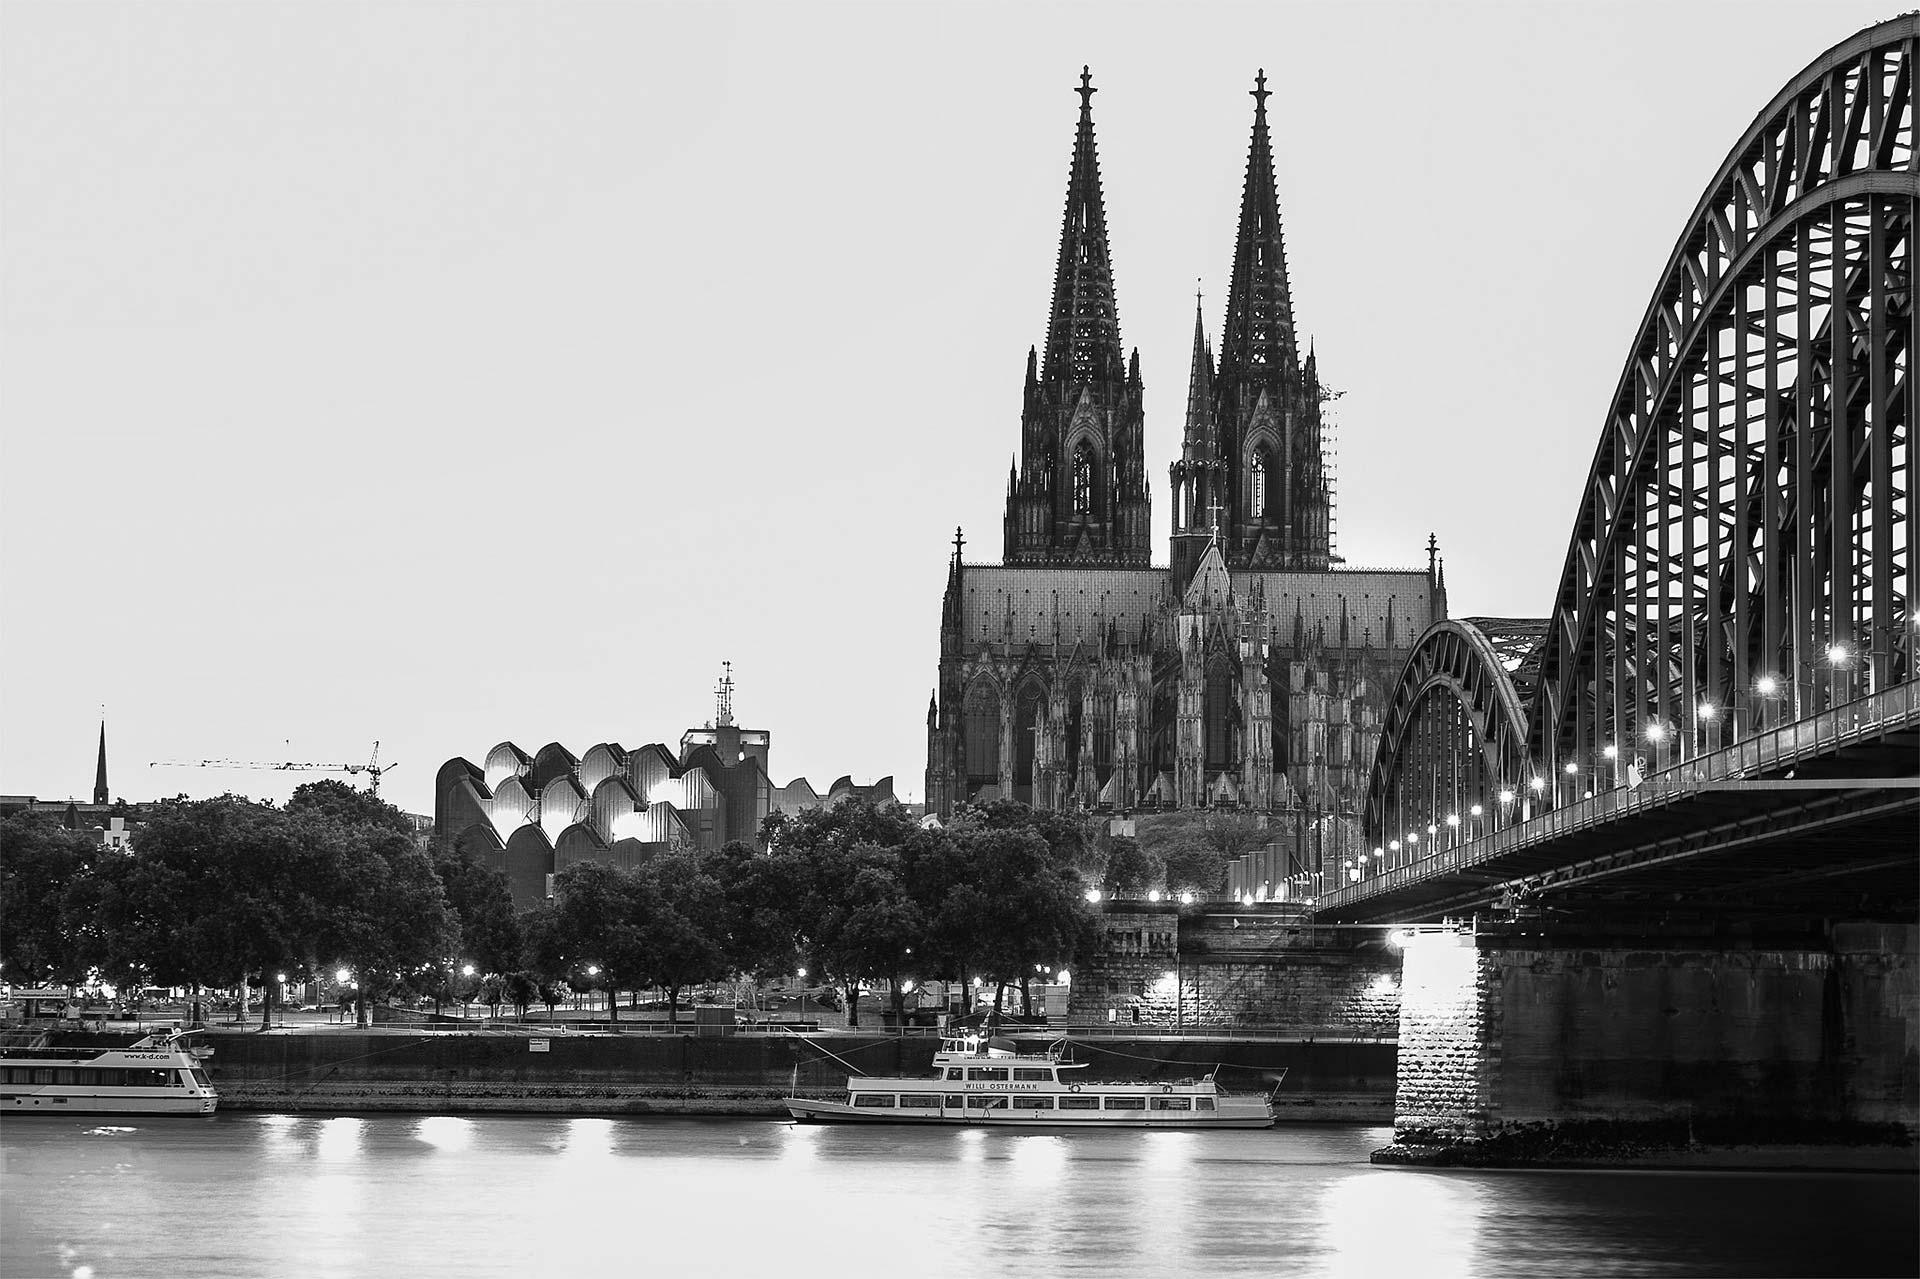 Führerschein in Köln, Flix-die-Fahrschule, Flix die Fahrschule,